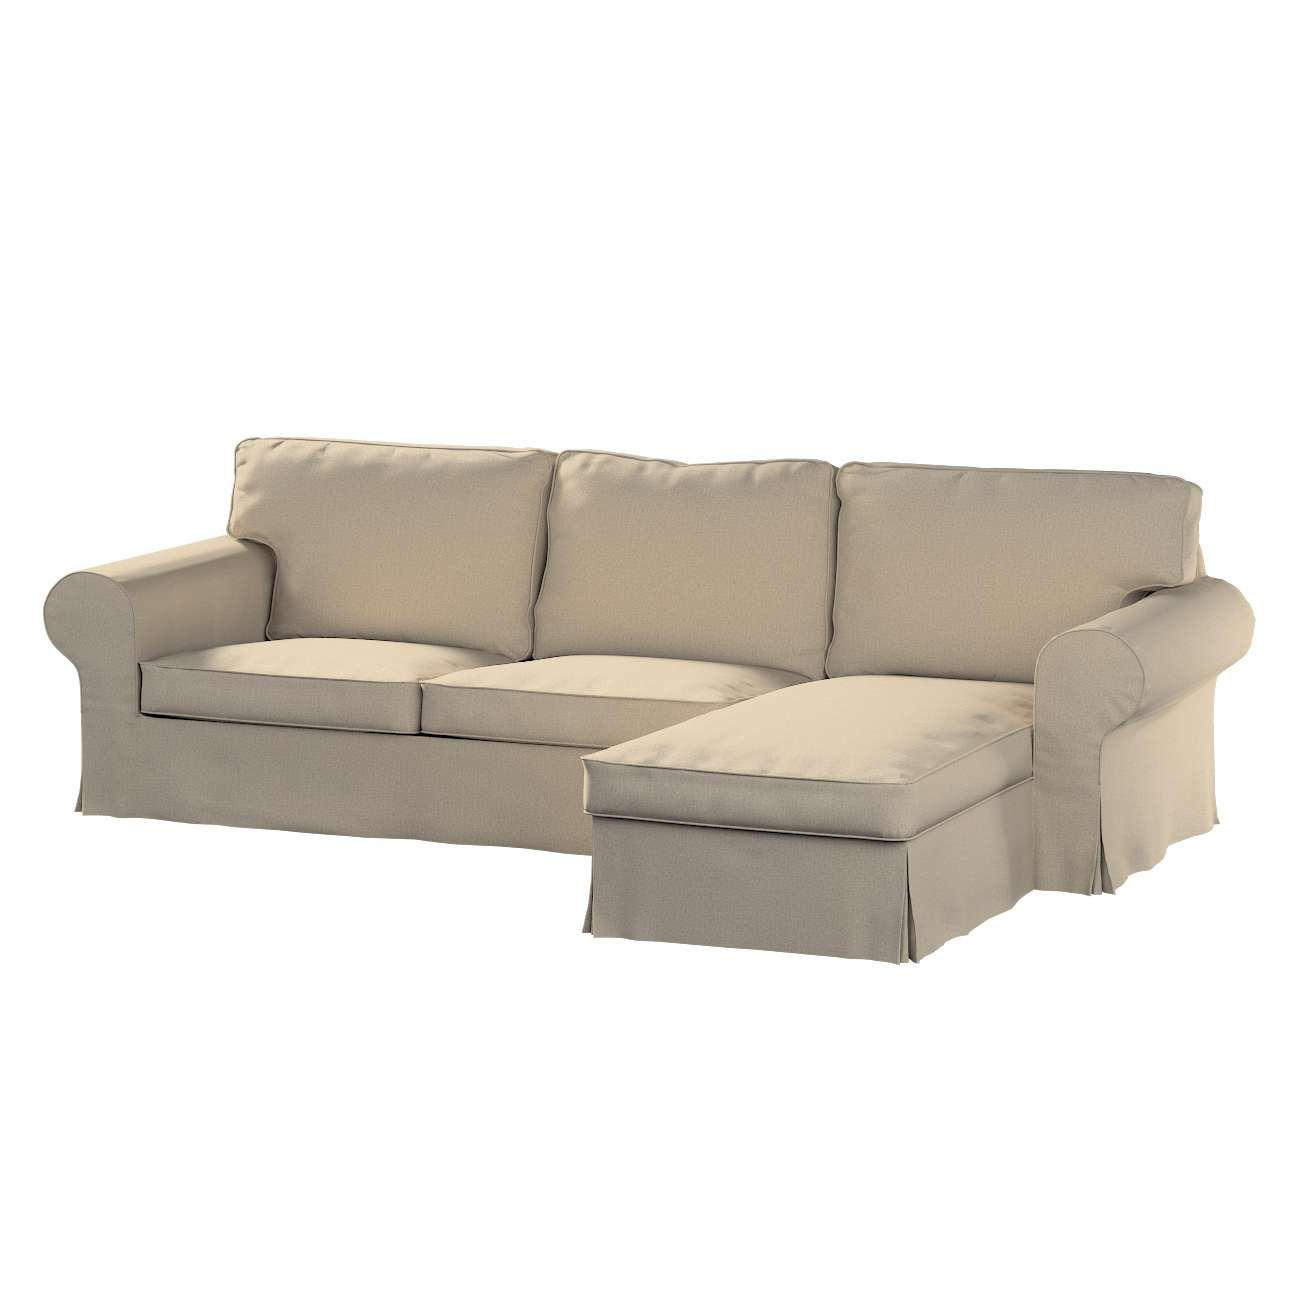 Pokrowiec na sofę Ektorp 2-osobową i leżankę sofa ektorp 2-os. i leżanka w kolekcji Edinburgh, tkanina: 115-78